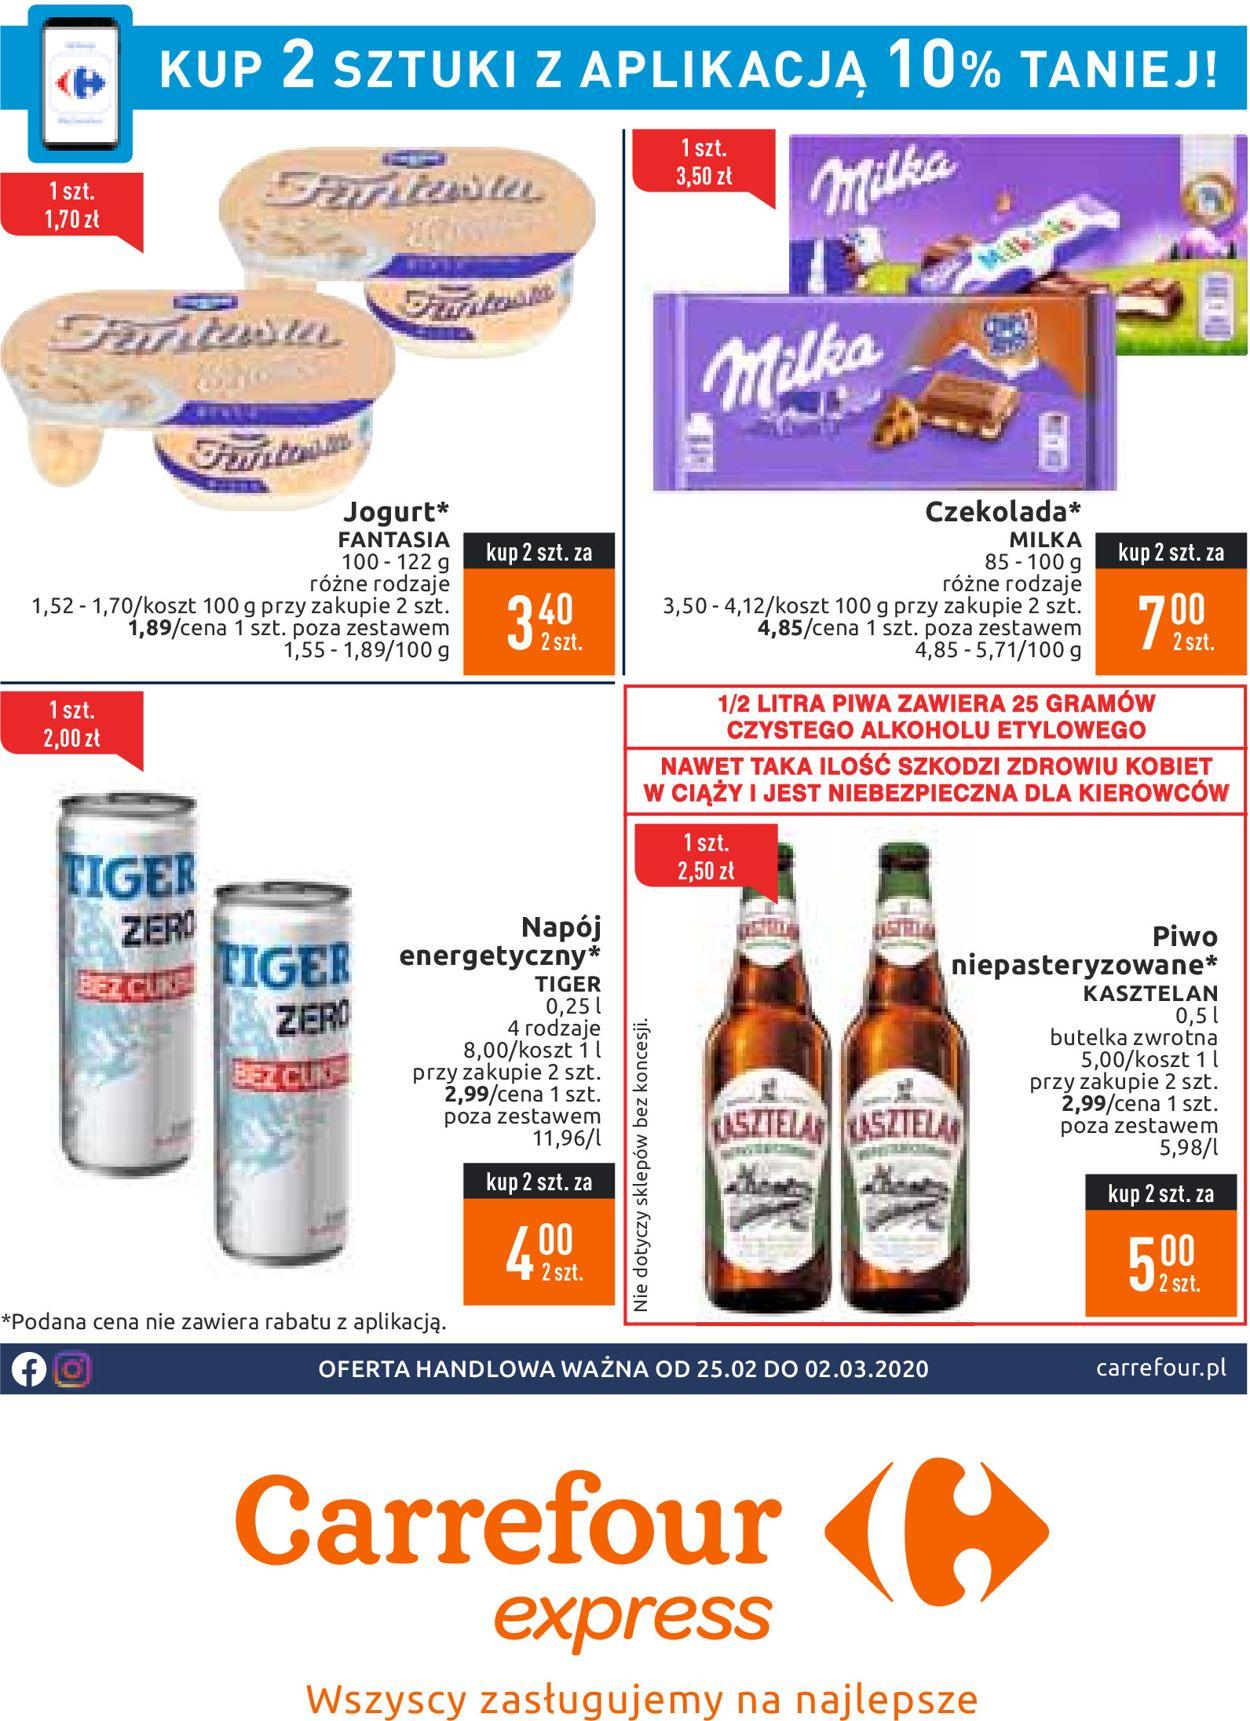 Gazetka promocyjna Carrefour - 25.02-02.03.2020